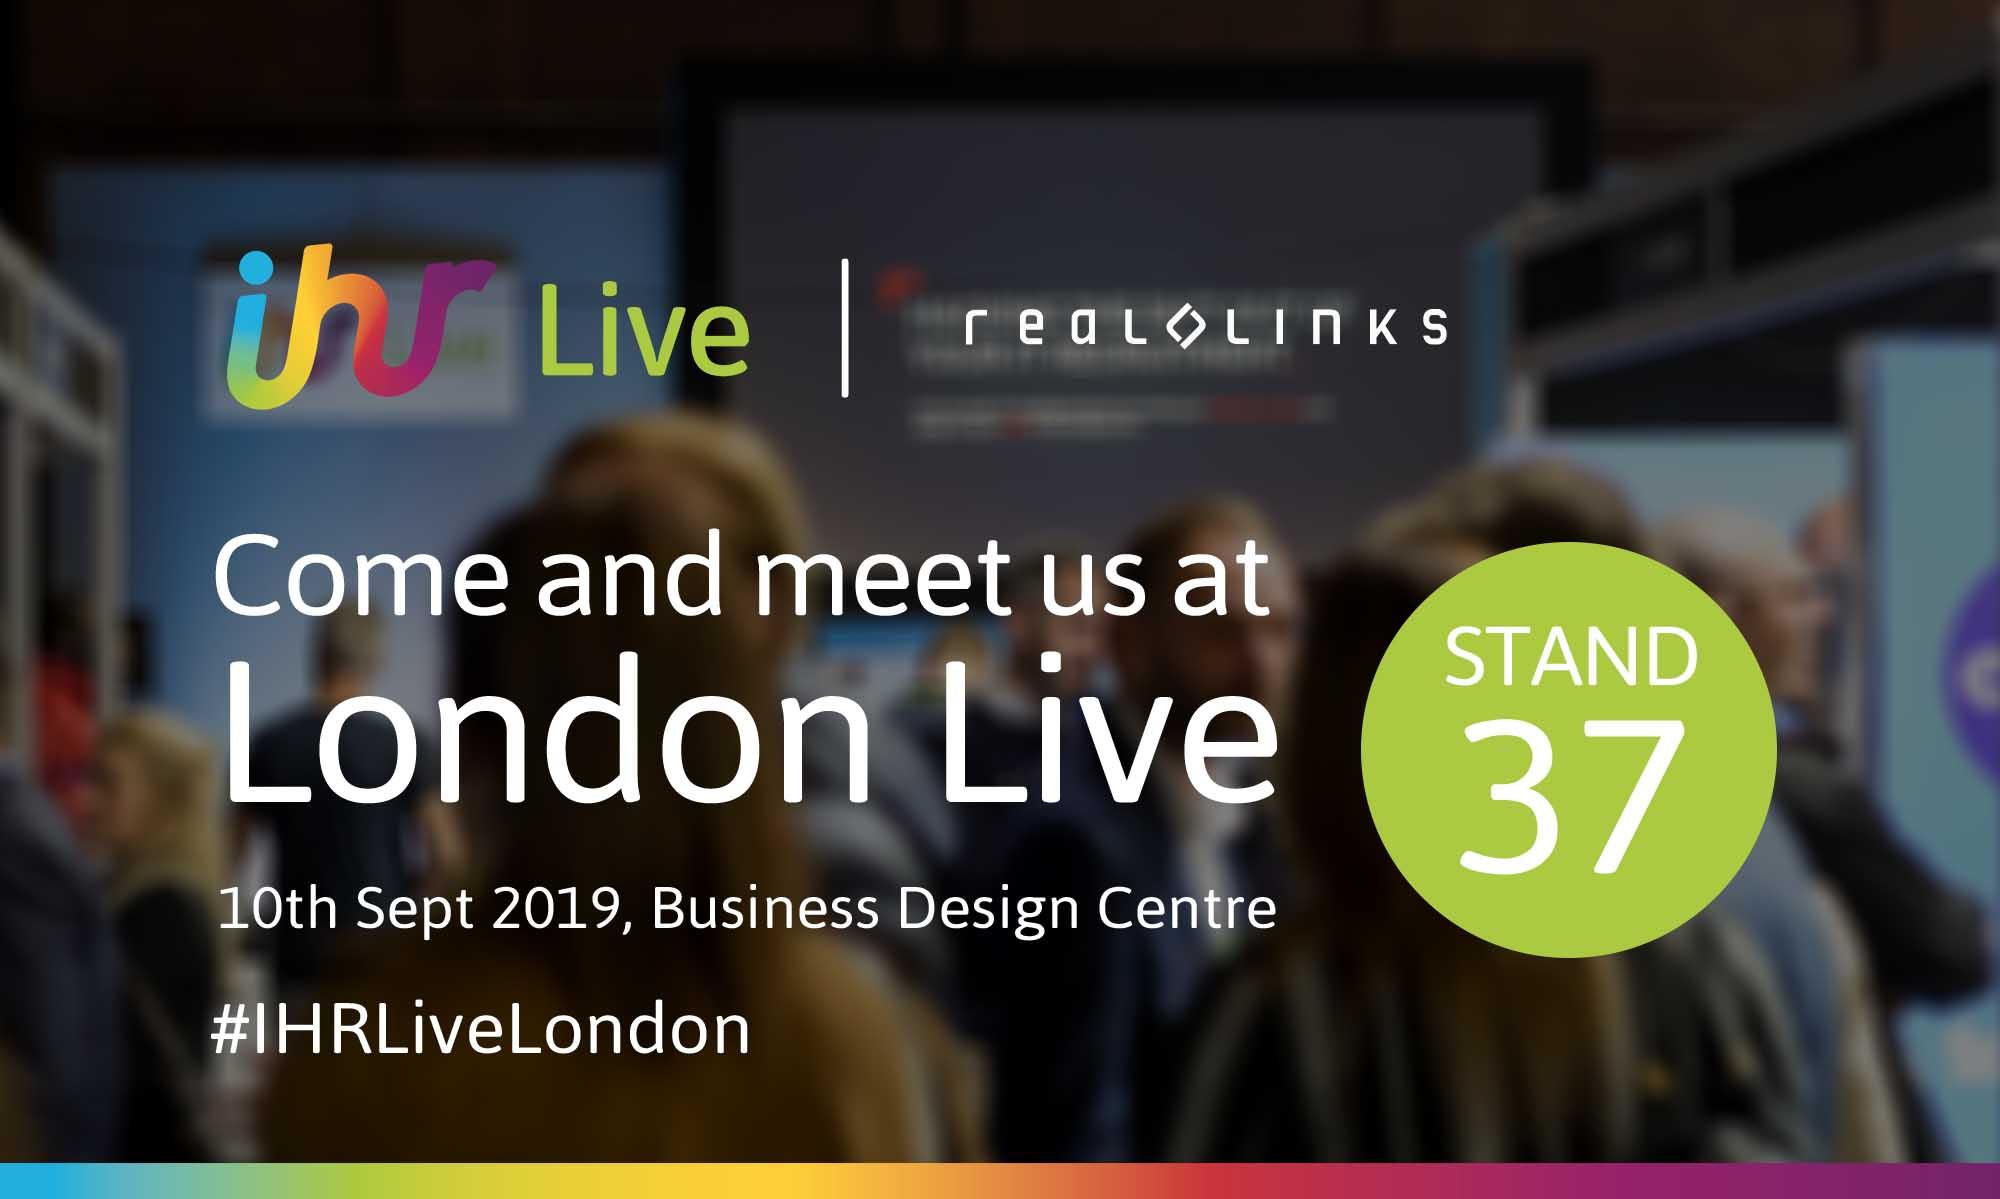 IHR Live London